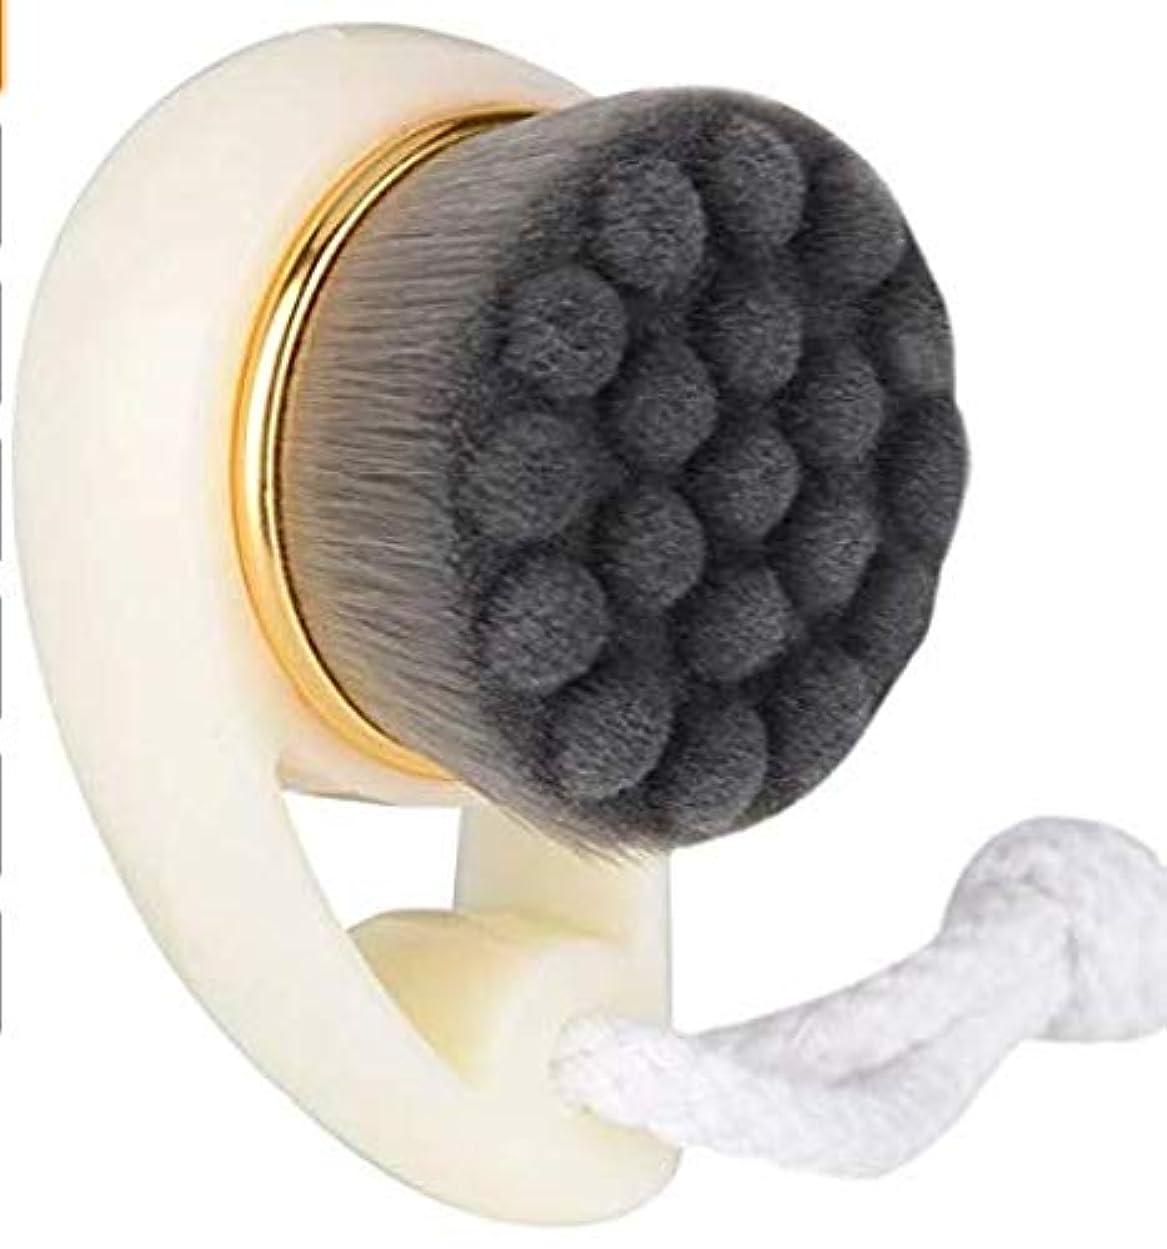 構成するアルネかる化粧ブラシ、手動毛穴、マッサージ、美容製品、美容製品、にきび毛穴、きれいな肌、毛穴